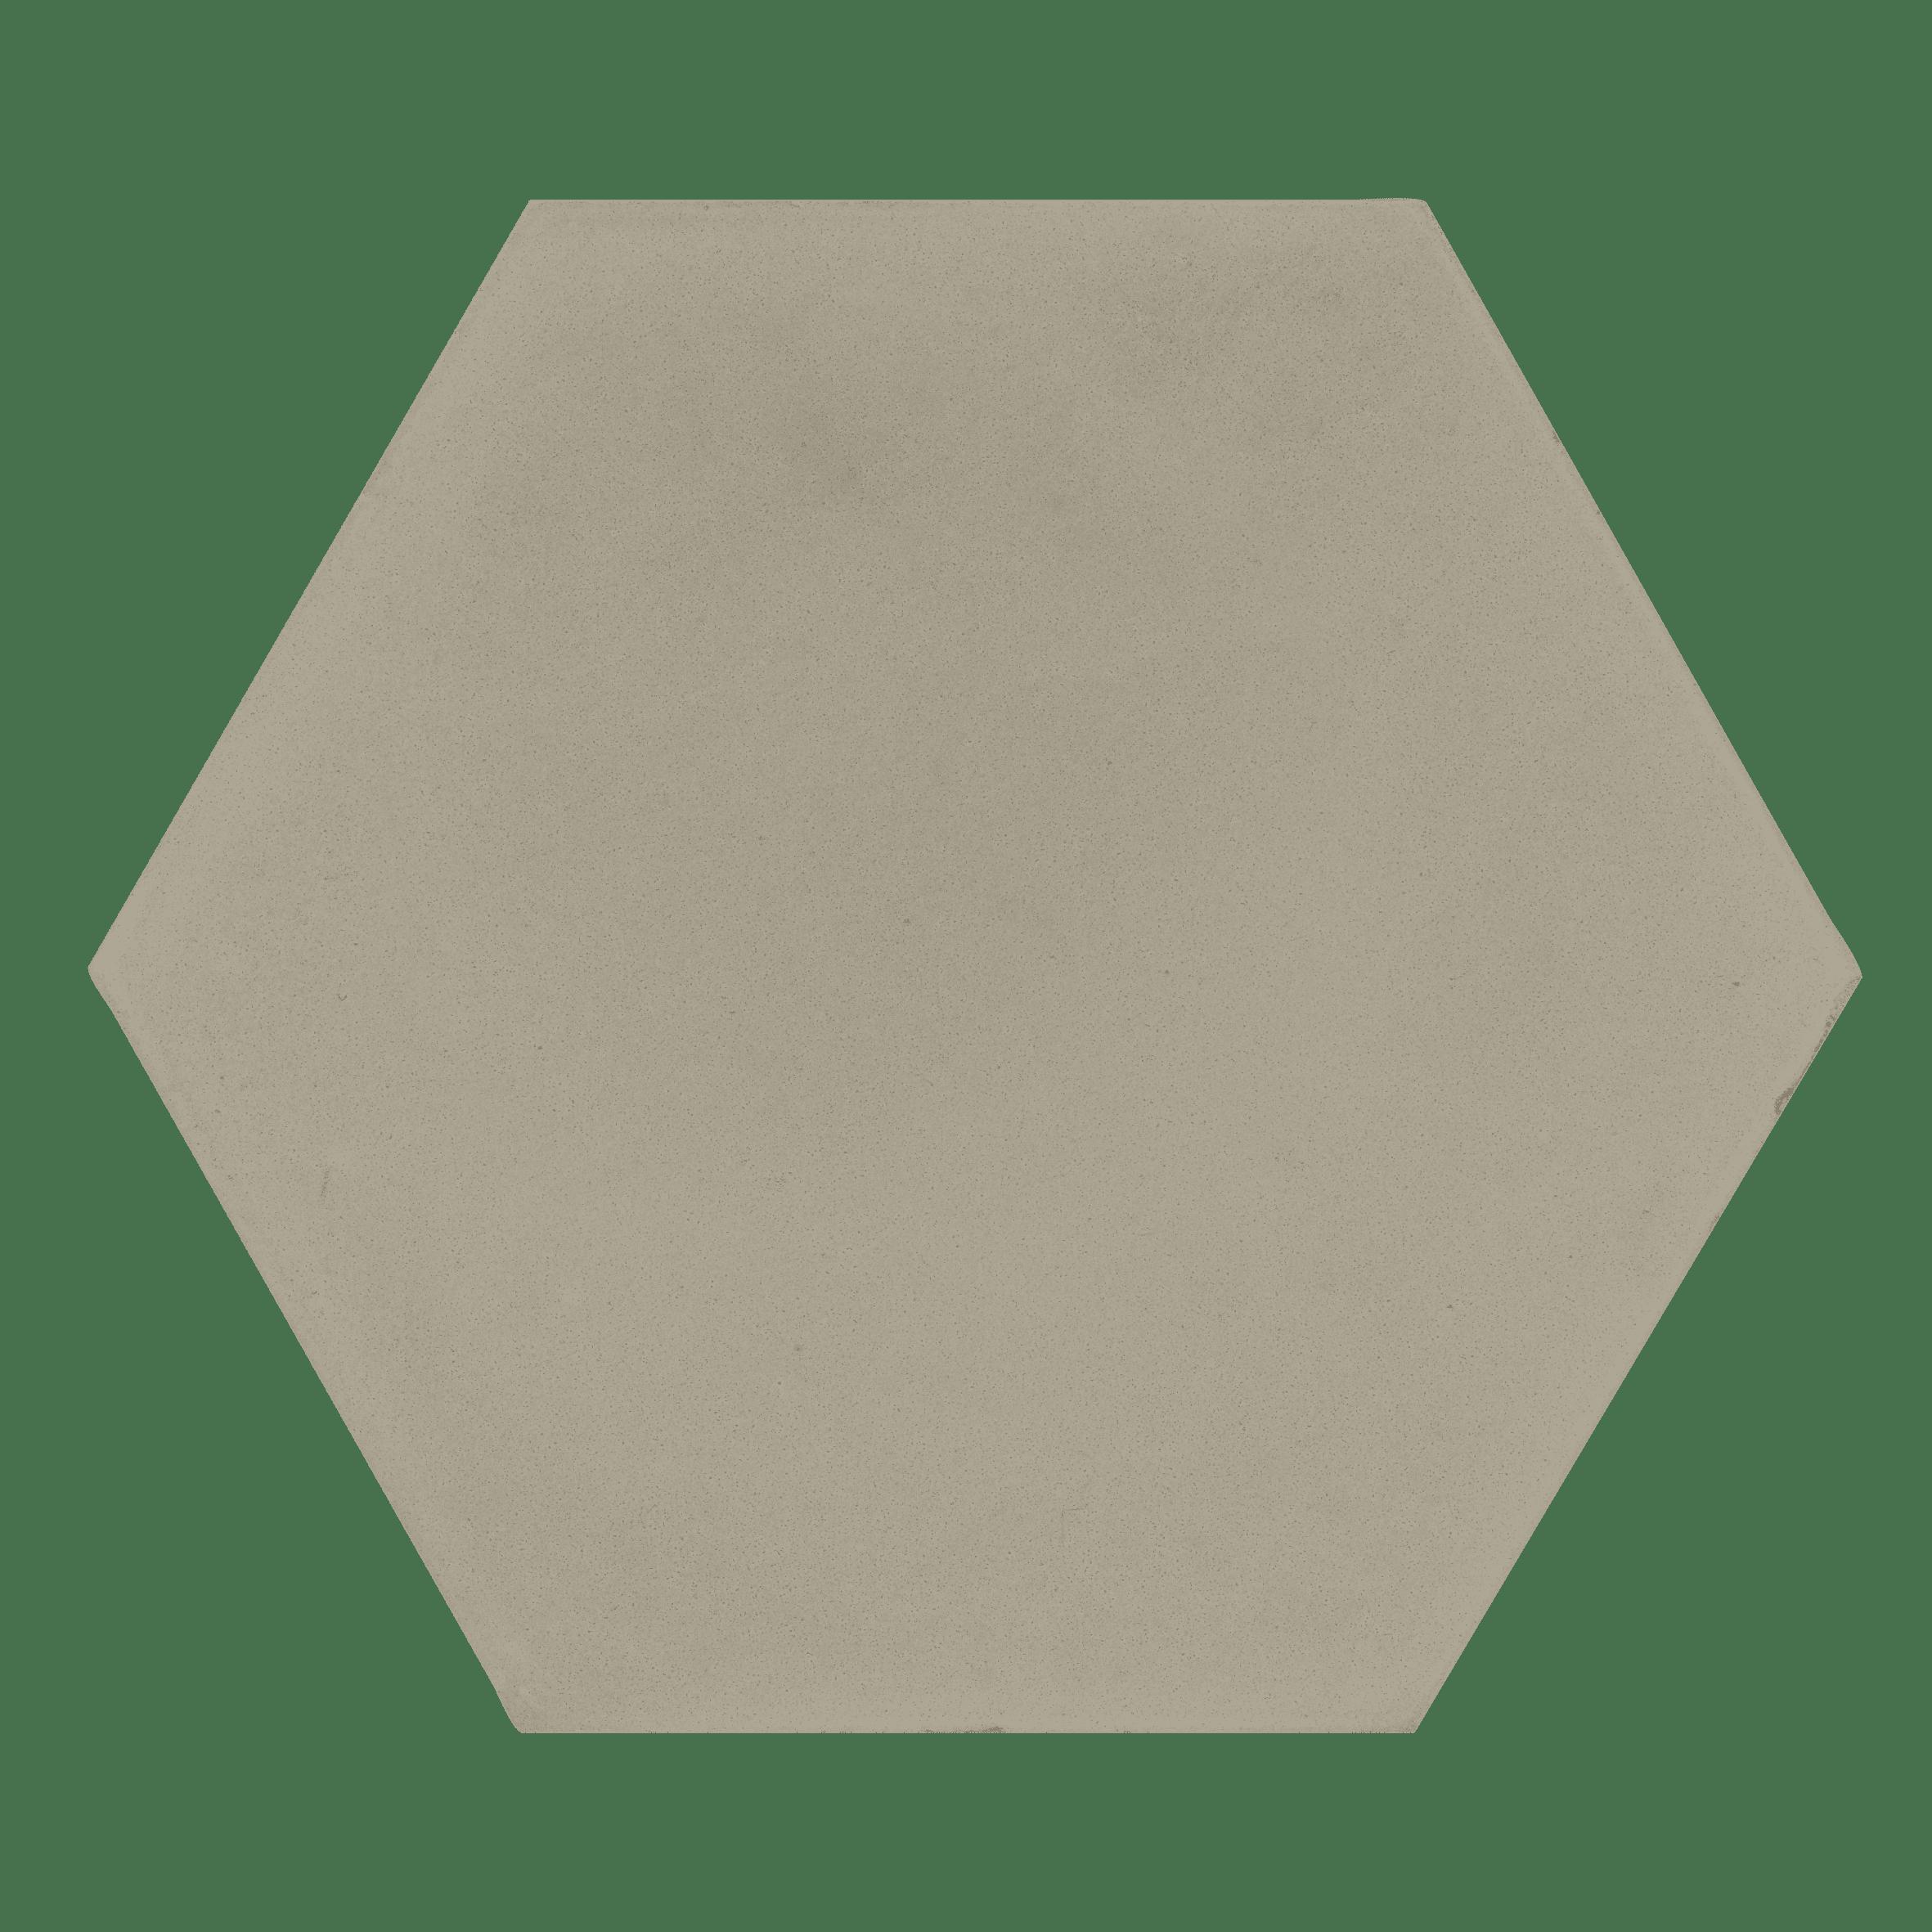 zementmosaikfliesen-nummer-6-10-viaplatten | 6-10